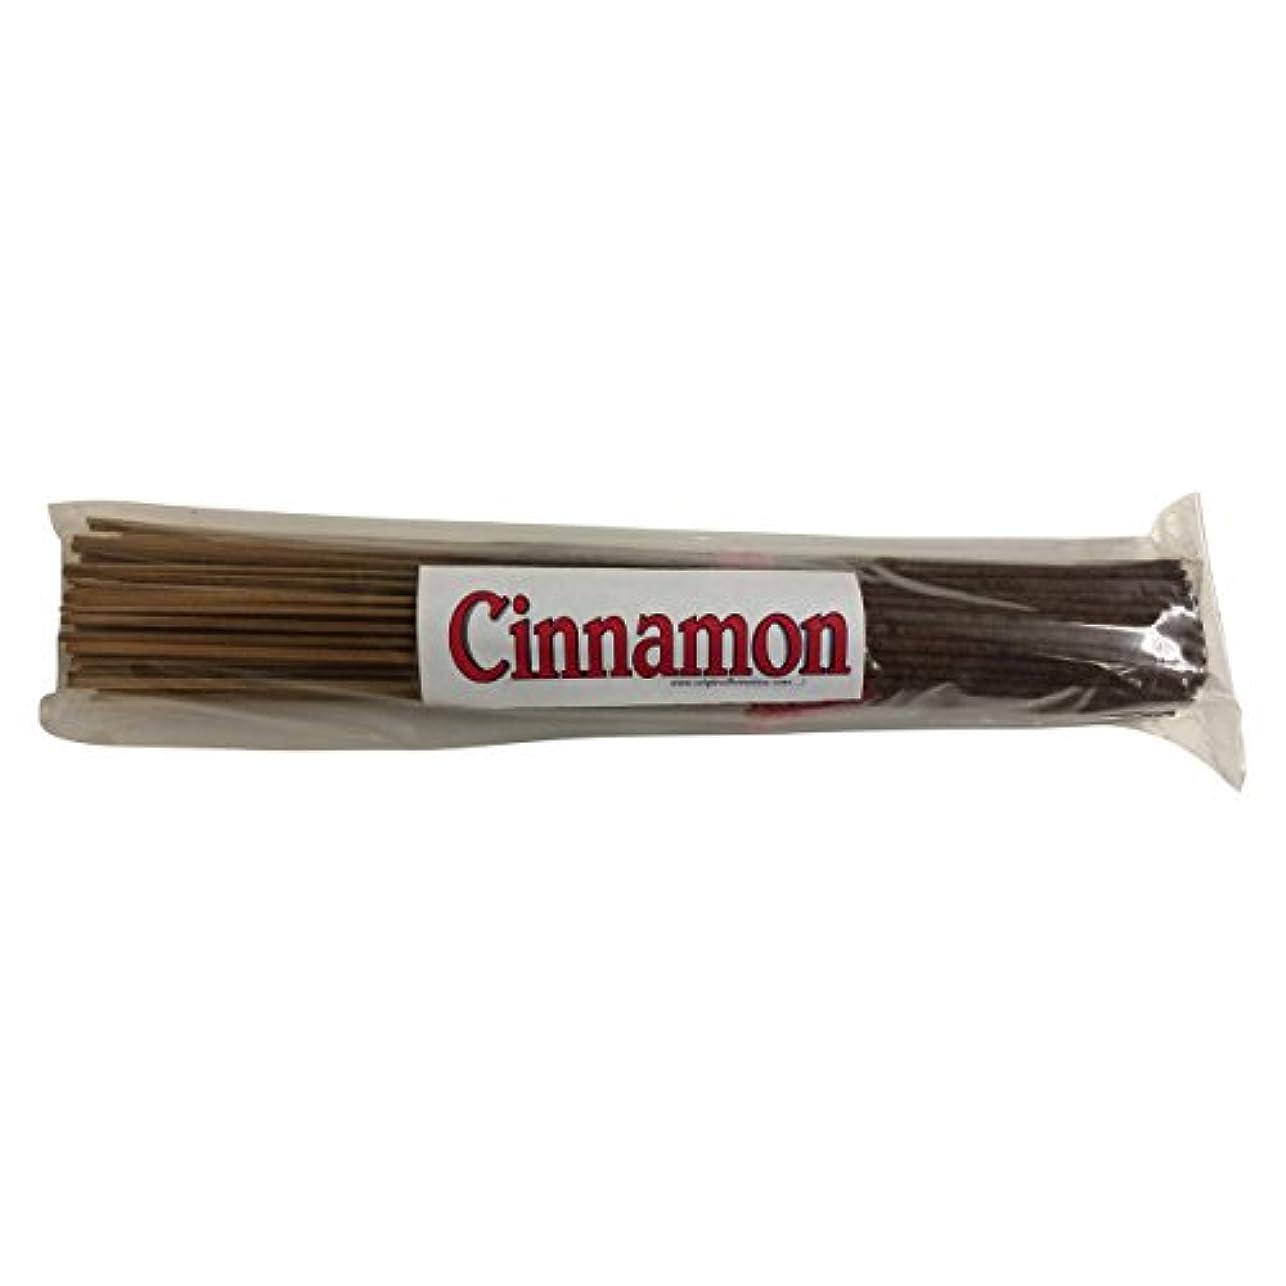 はがき専門知識眉Cinnamon Incense Stick 10 1 /2